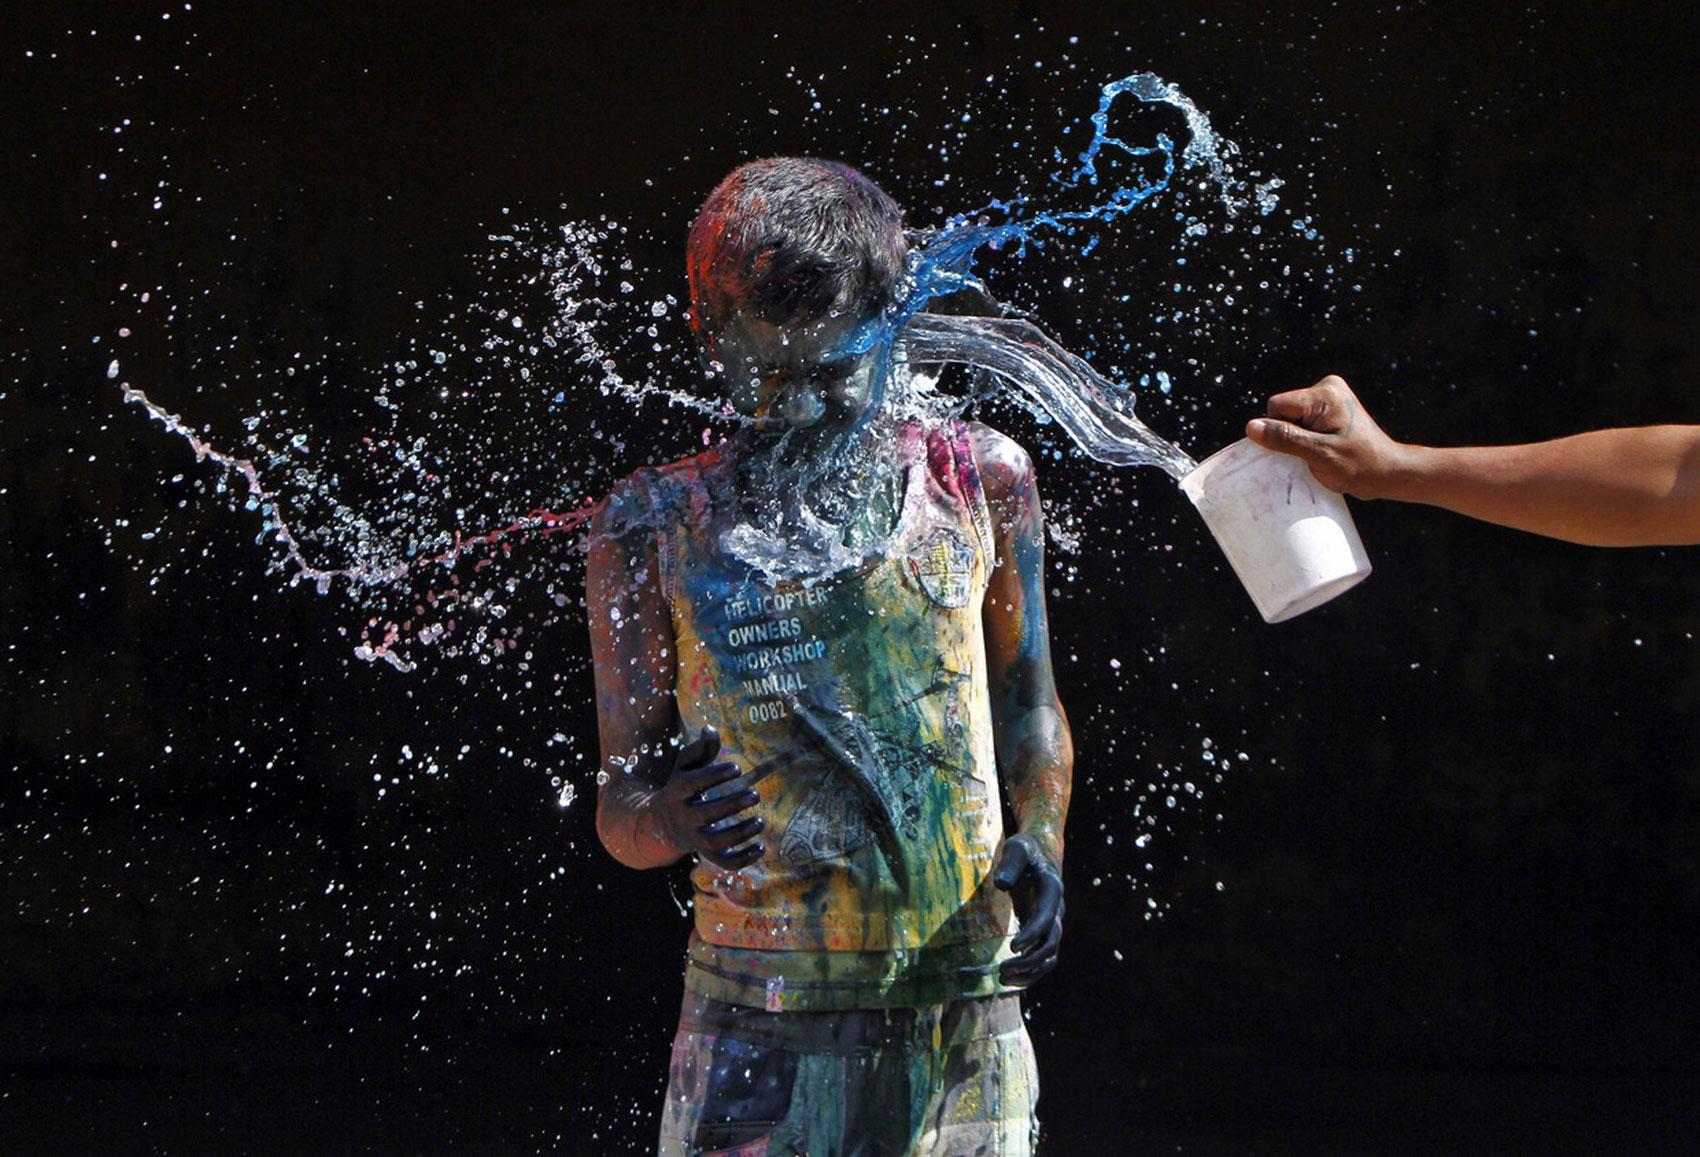 Подростки обливаются водой, фото Холи